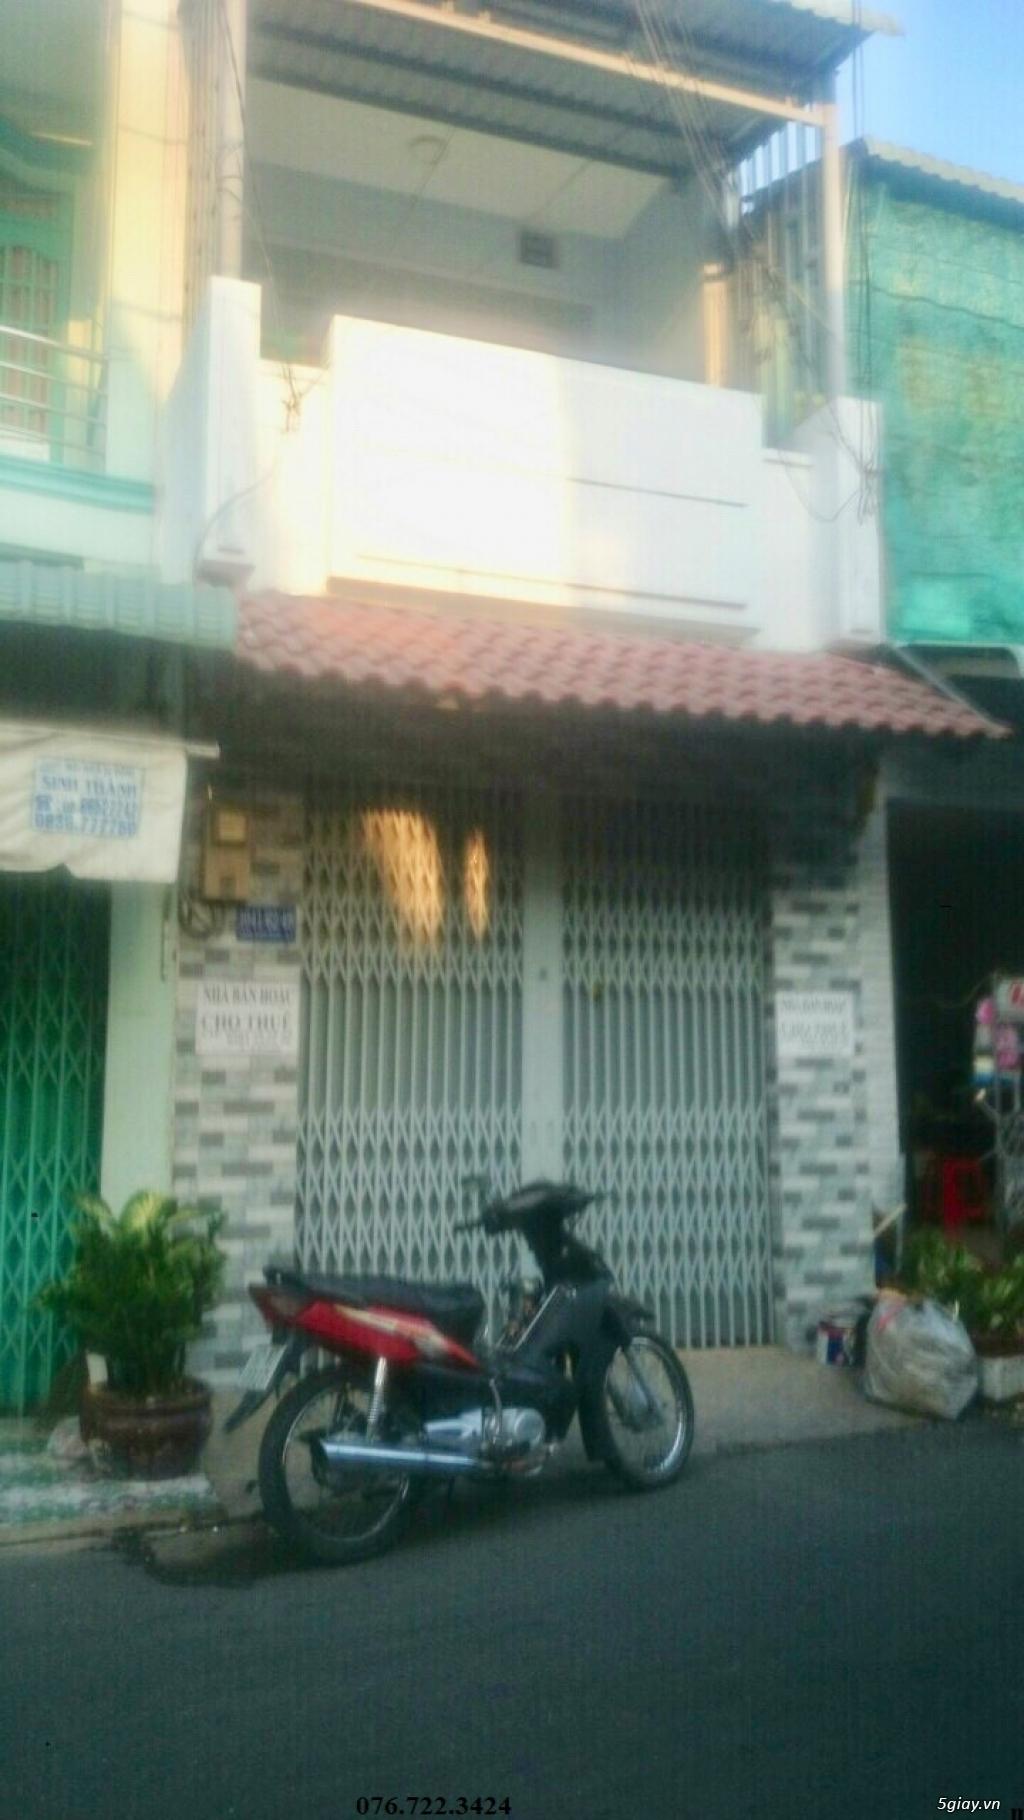 Ngân hàng Vietinbank thanh lý căn nhà mặt tiền hẻm 1041 Trần Xuân Soạn - 2